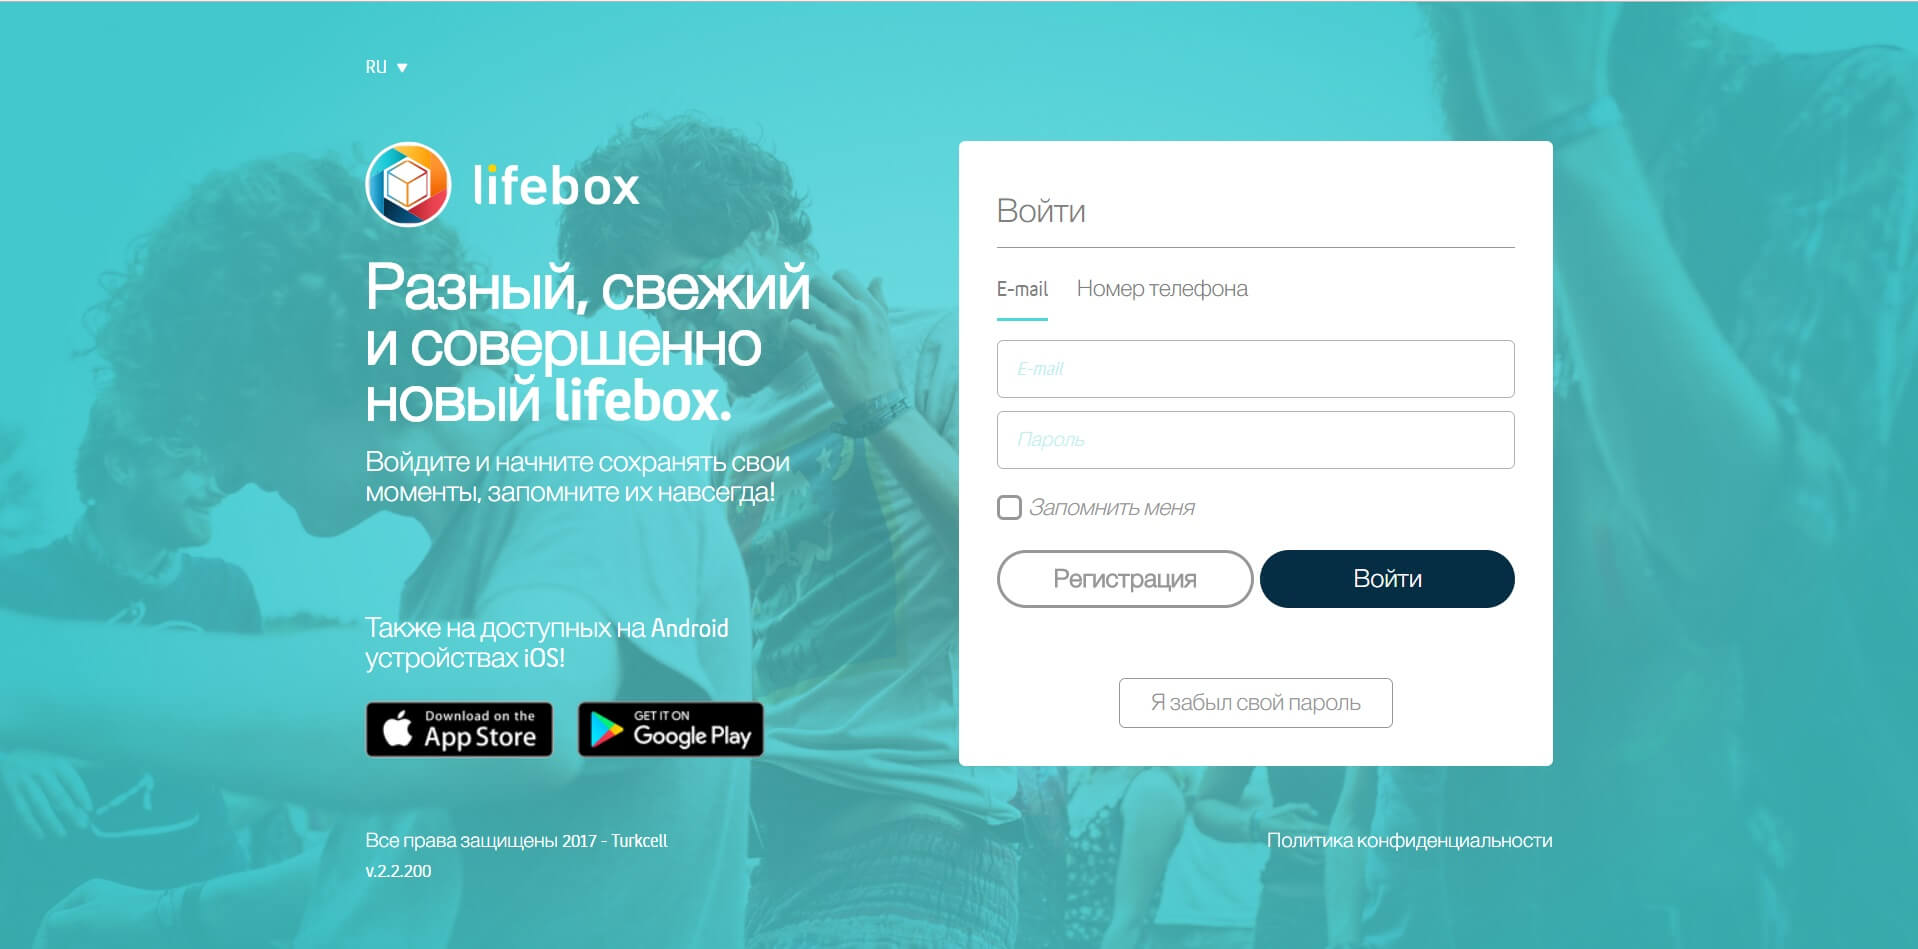 lifebox4